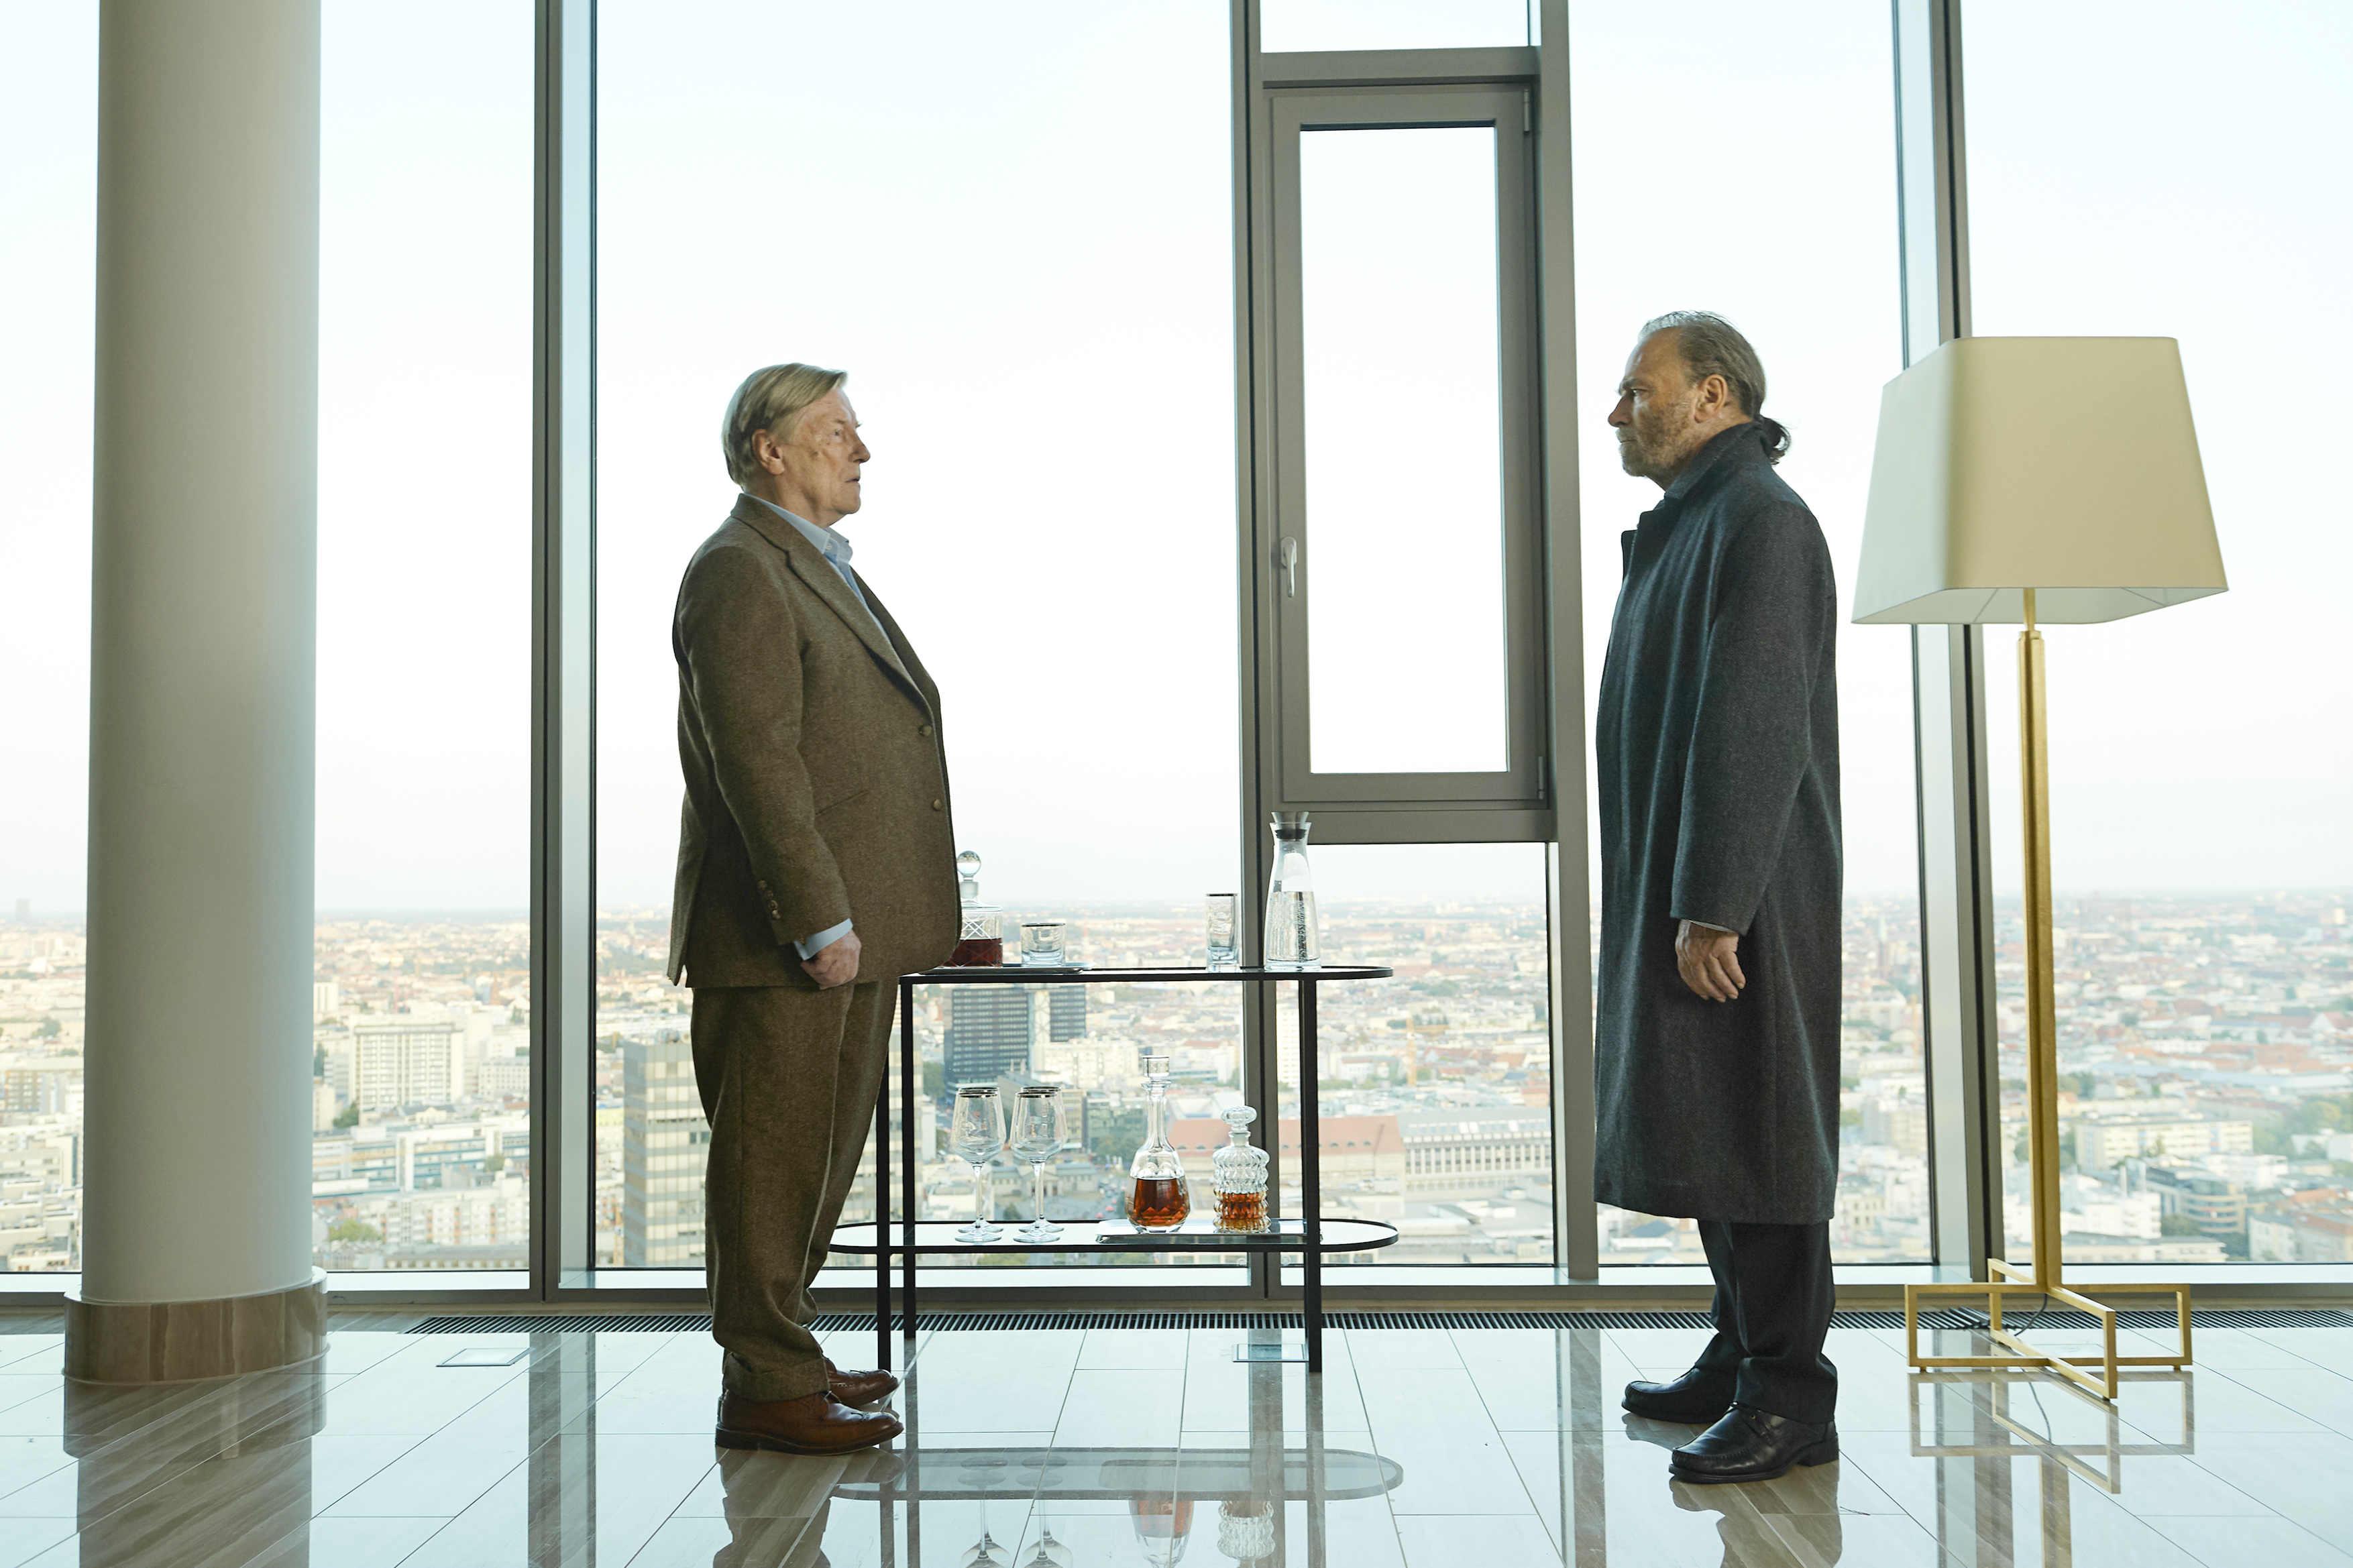 《罪人的控訴》劇情敘述,柏林豪華飯店發生一起殘暴命案。85歲的財團企業家漢斯麥爾,遭凶手柯里尼(法蘭柯尼洛 飾, 右)以行刑式槍擊頭部三槍,面目全非、當場死亡